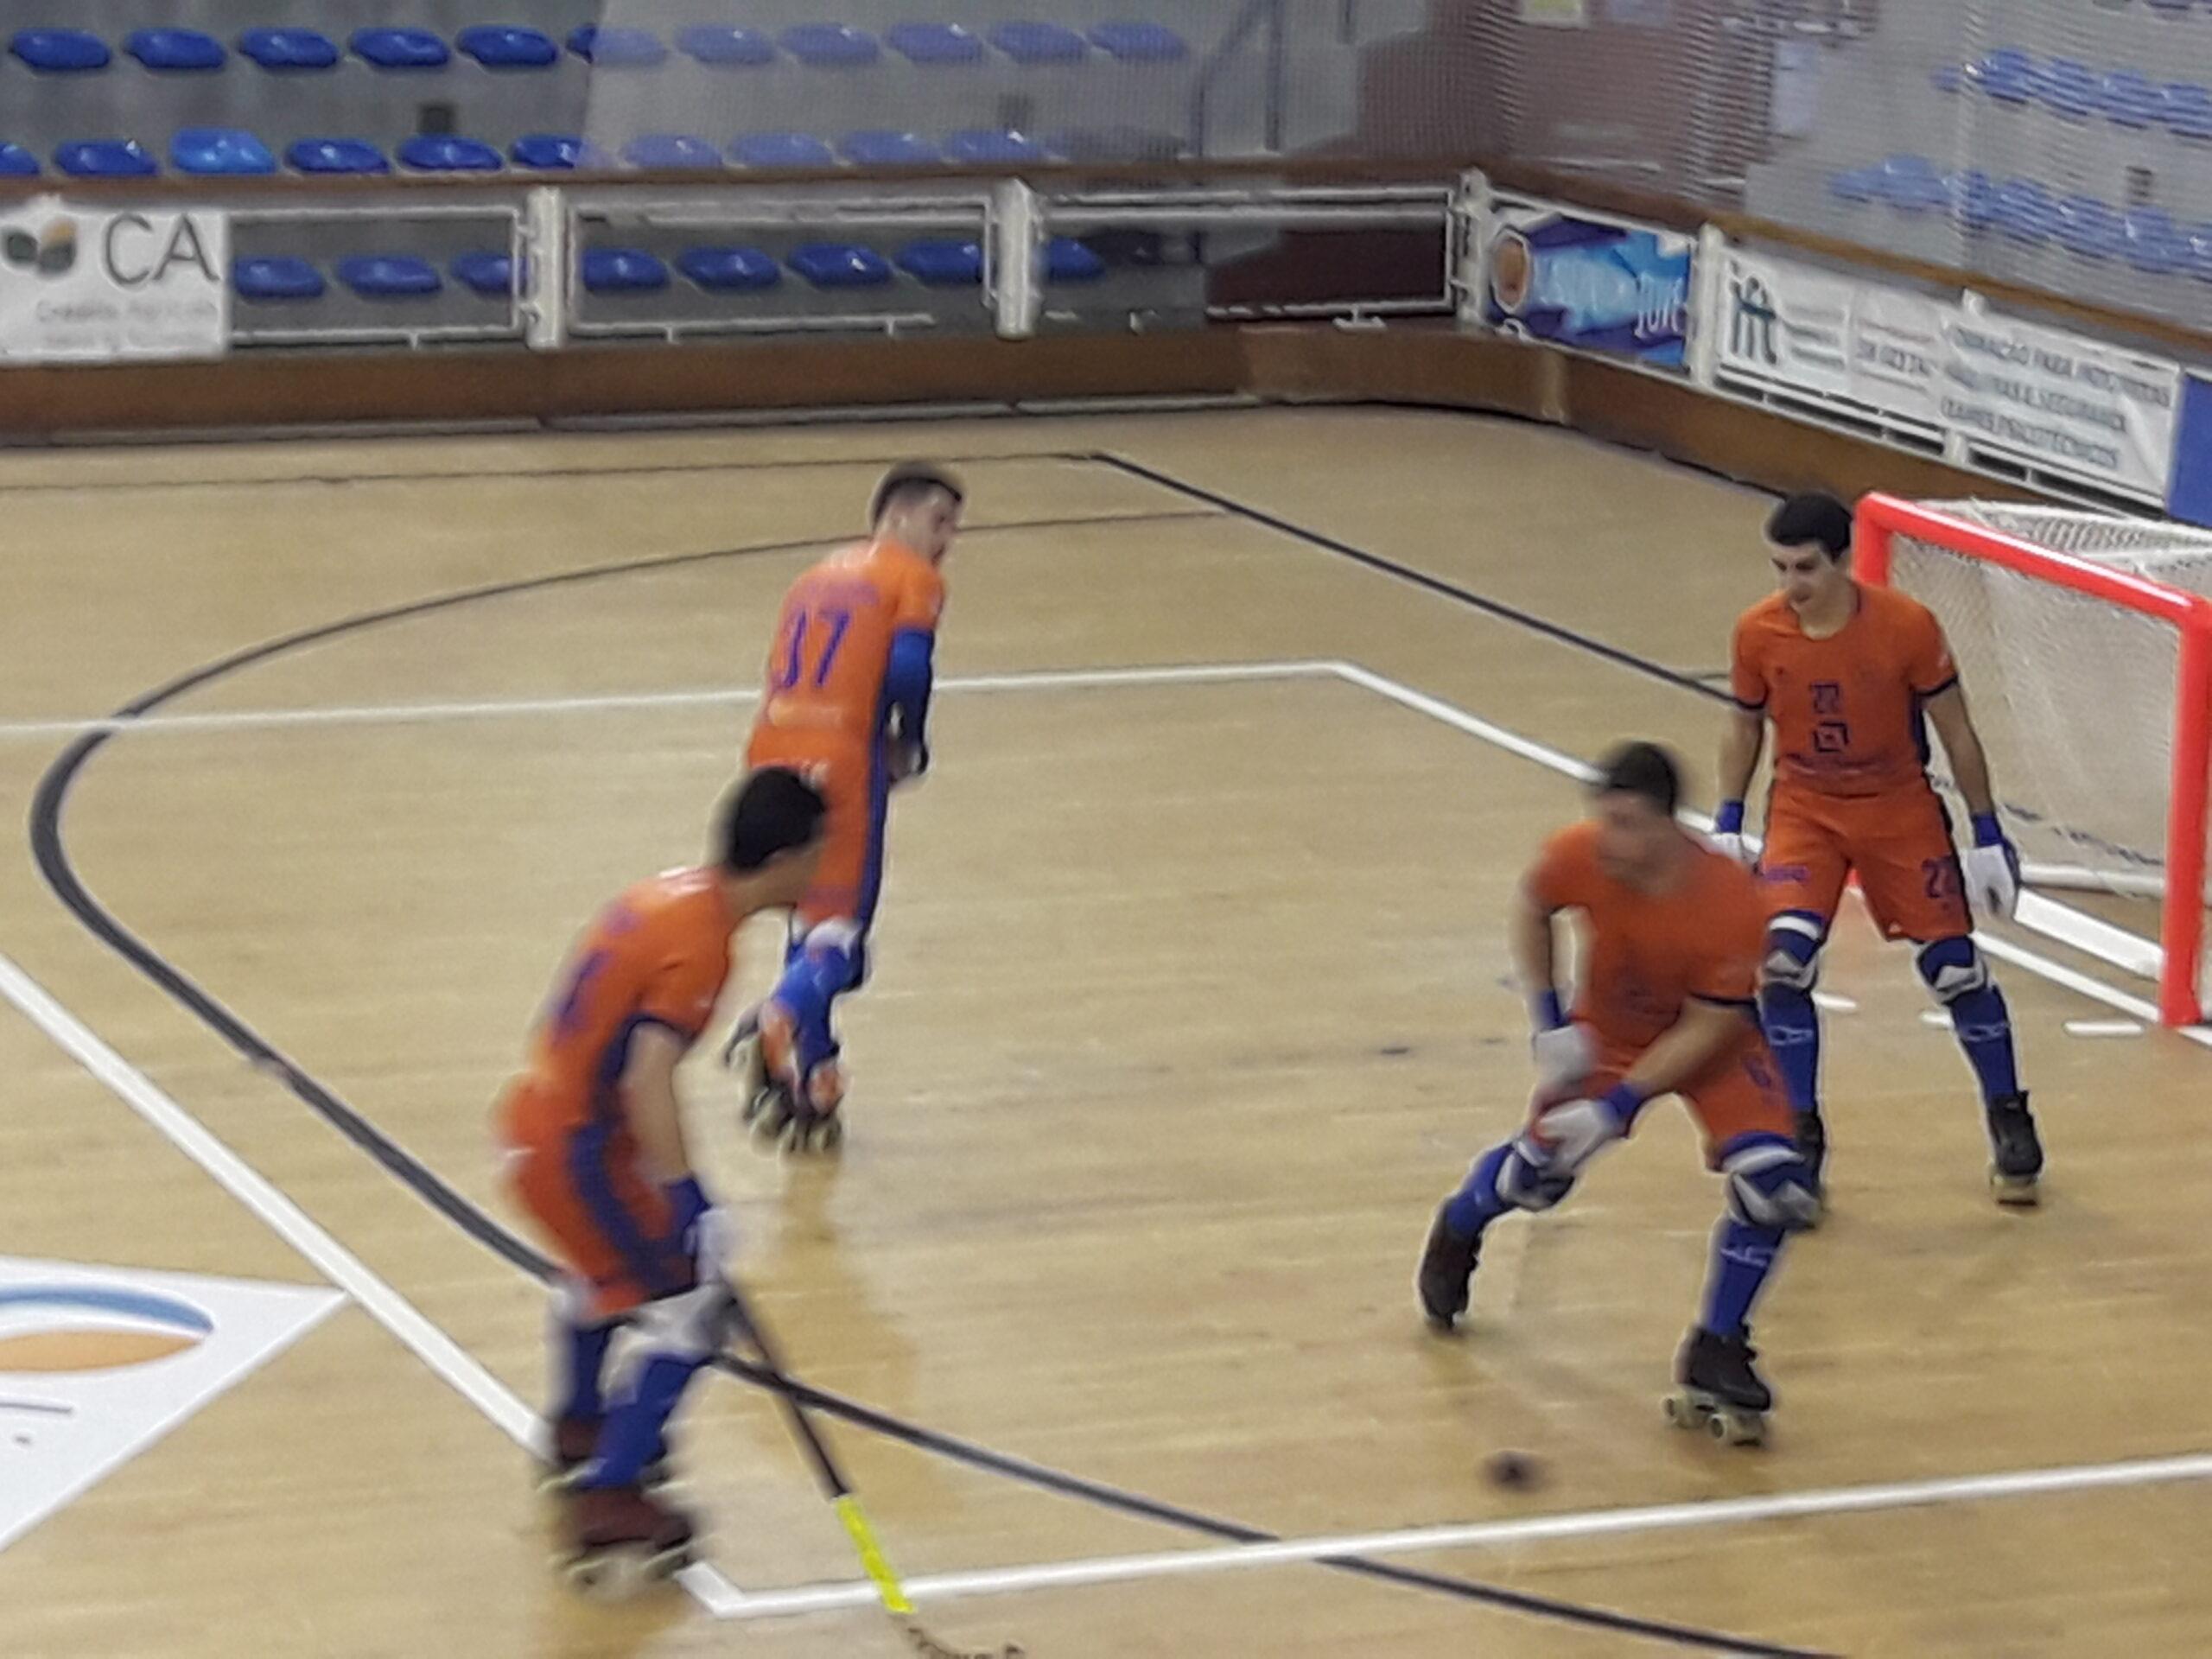 Juventude de Viana perde com Benfica que se isola na liderança do campeonato da 1ª divisão de hóquei em patins